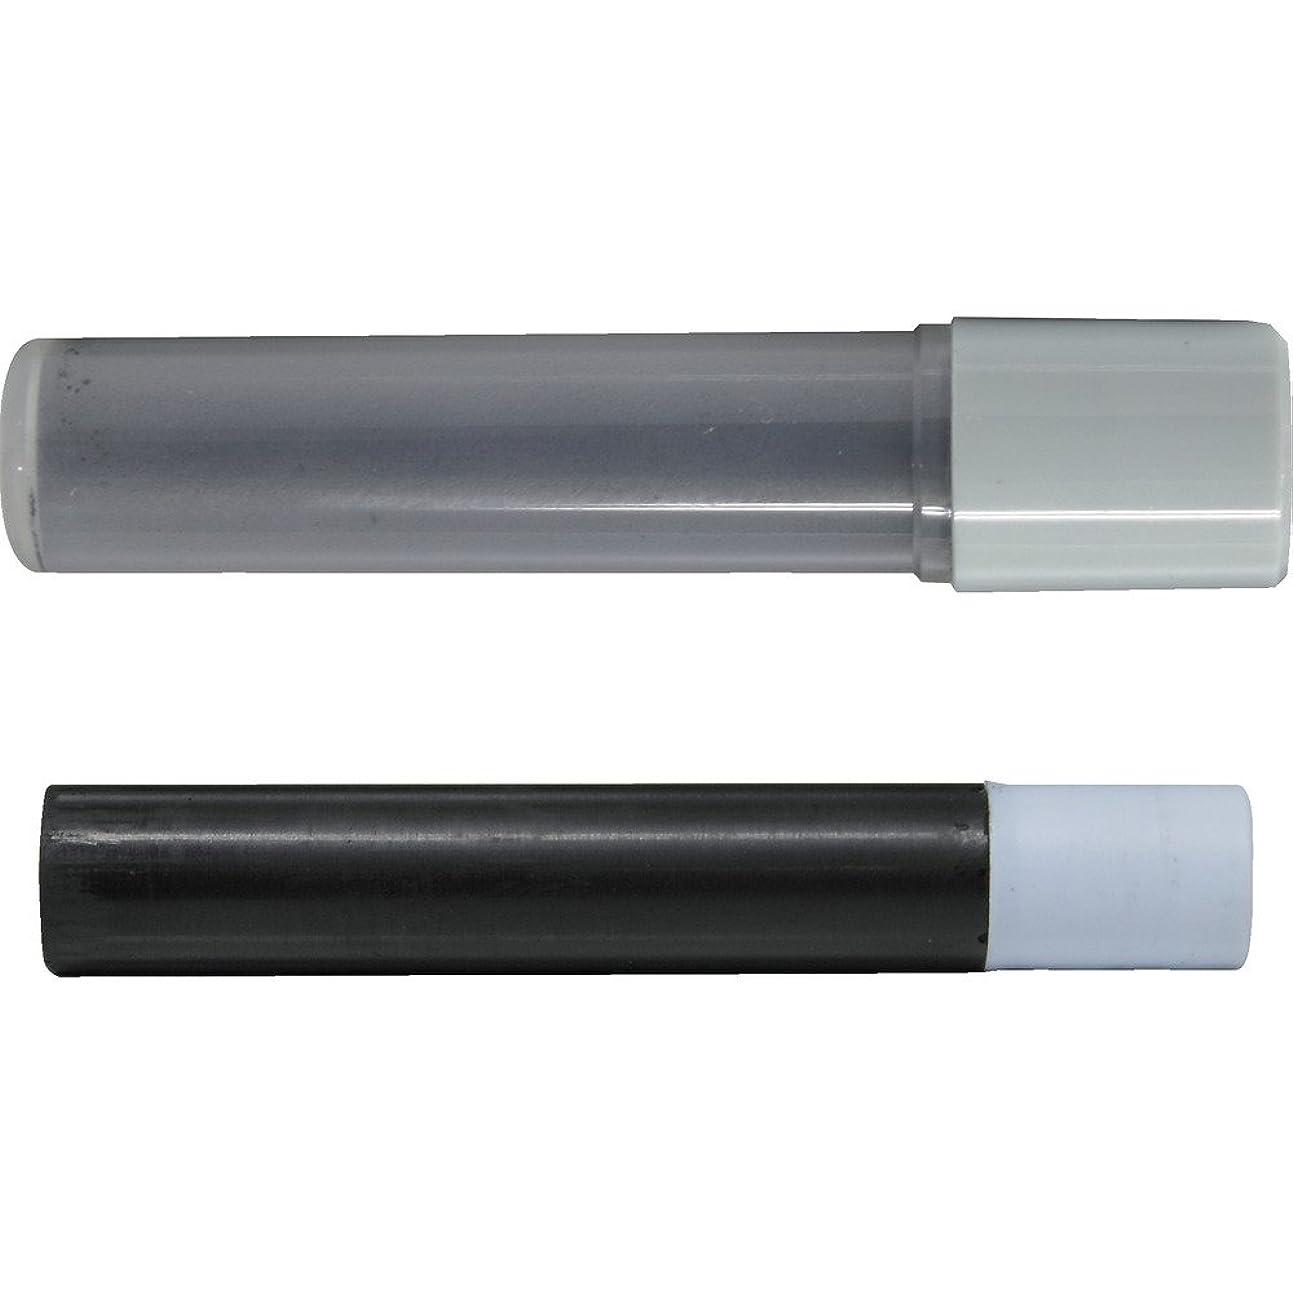 文芸砂の摘むキットパス ホワイトボード用キットパス 補充用2本入 黒 WKH-BK ホワイトボード用マーカー